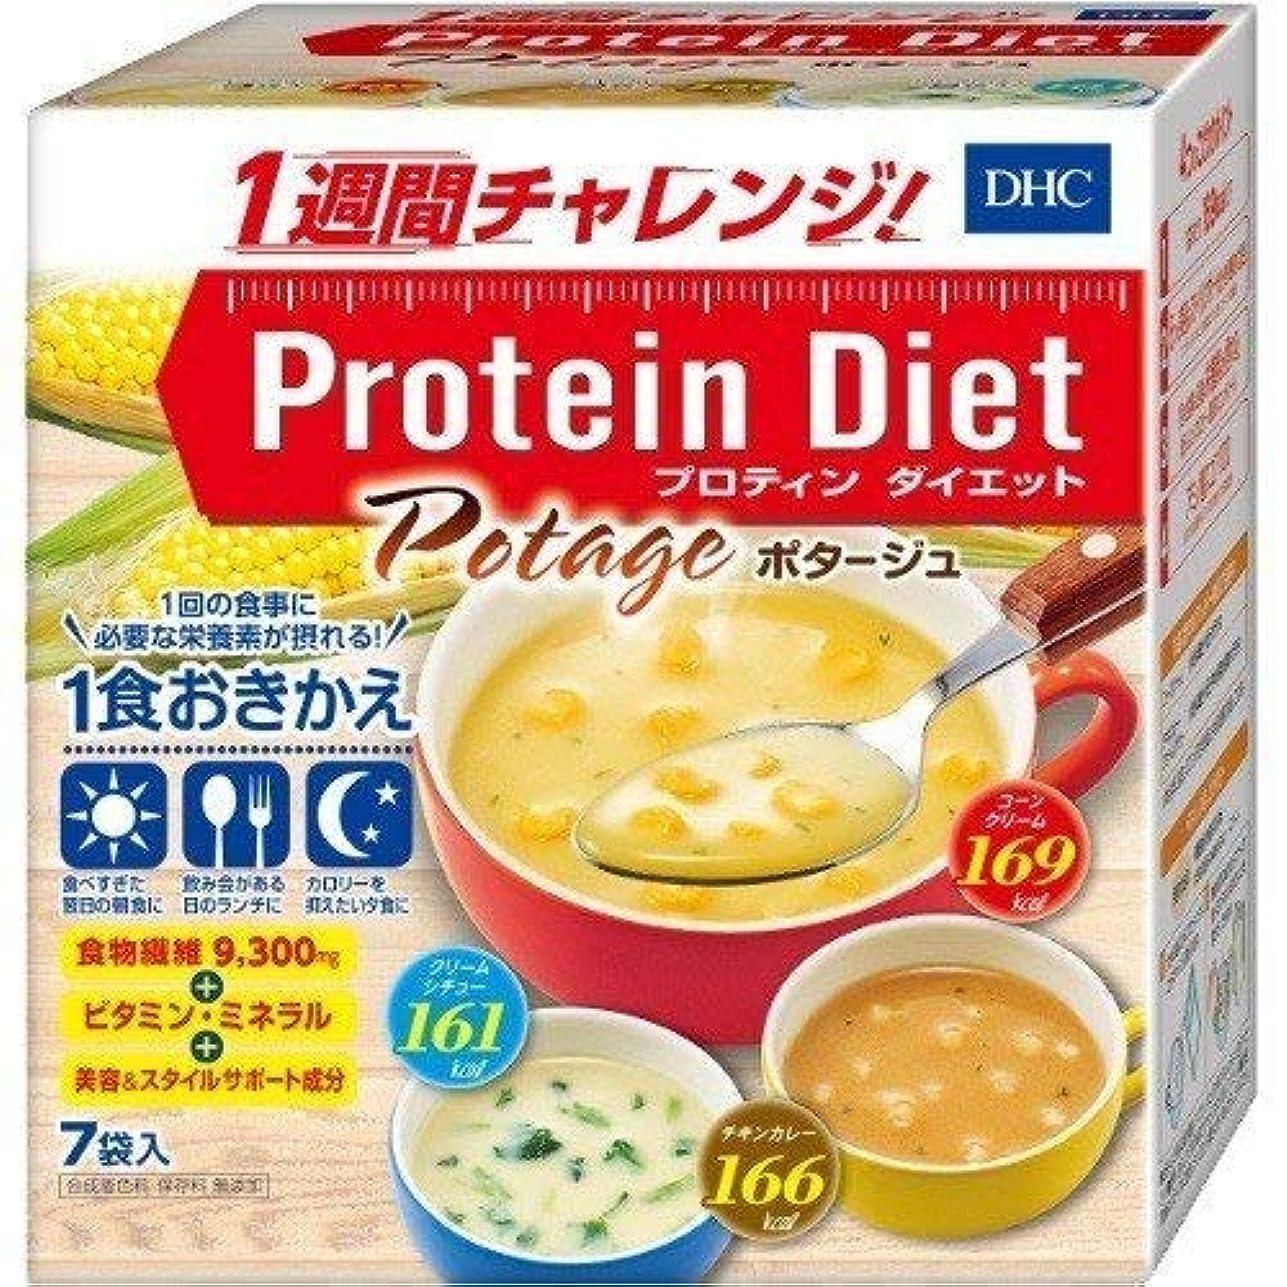 合意繁殖泥棒DHC 健康食品相談室 DHC プロティンダイエット ポタージュ 7袋入 4511413406366